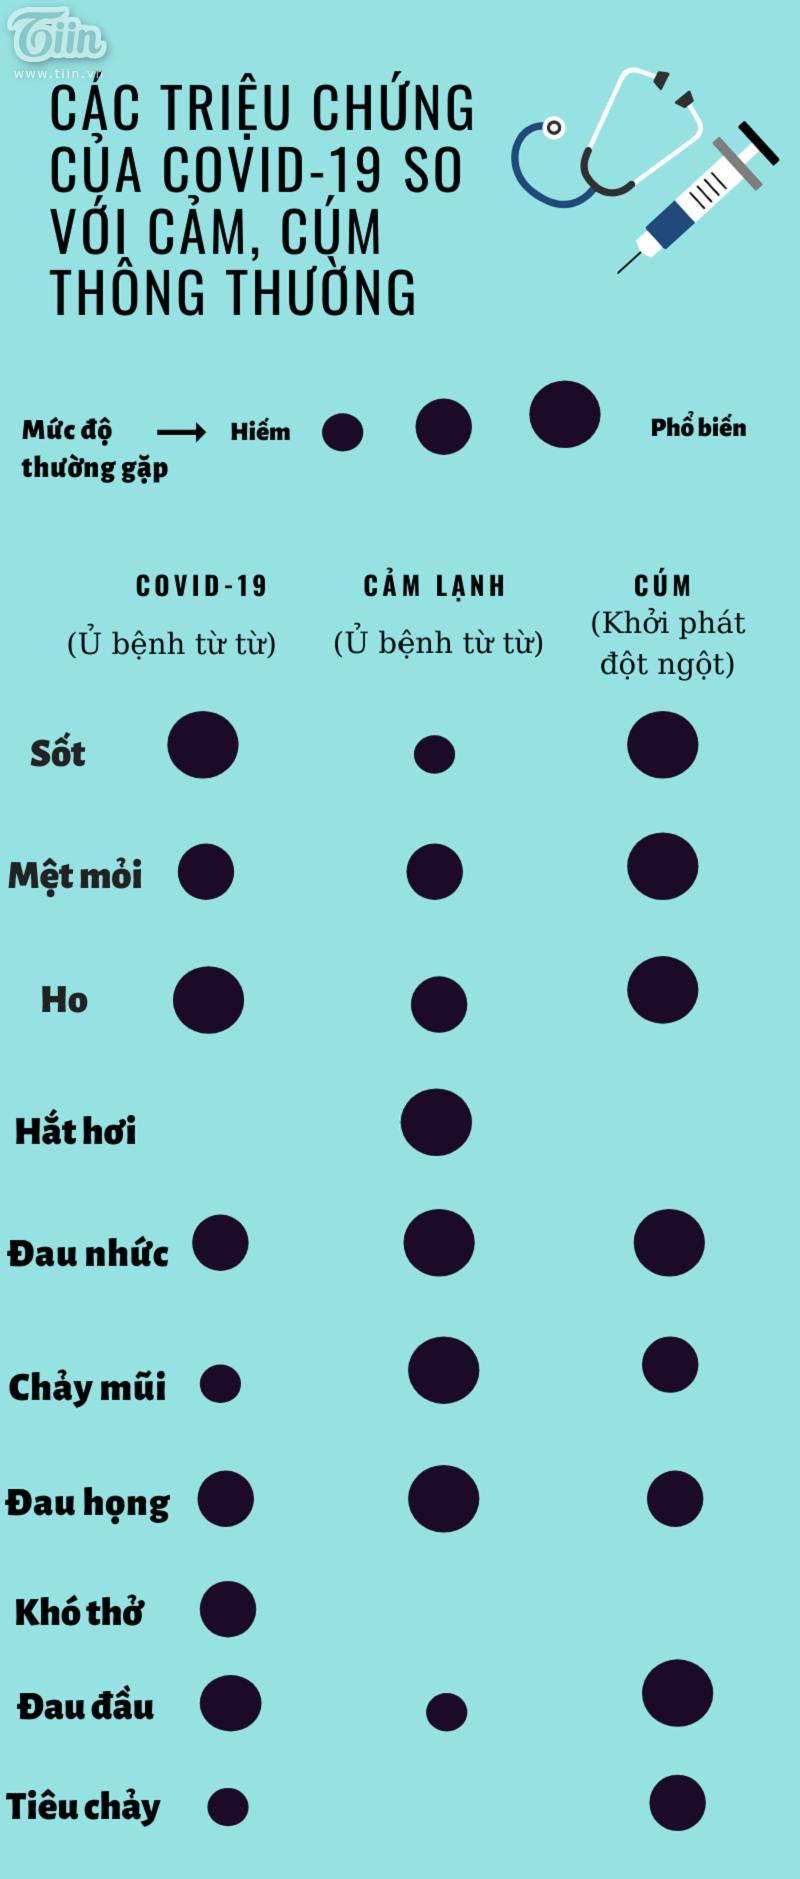 Infographic: So sánh triệu chứng của Covid-19 với cảm, cúm thông thường.